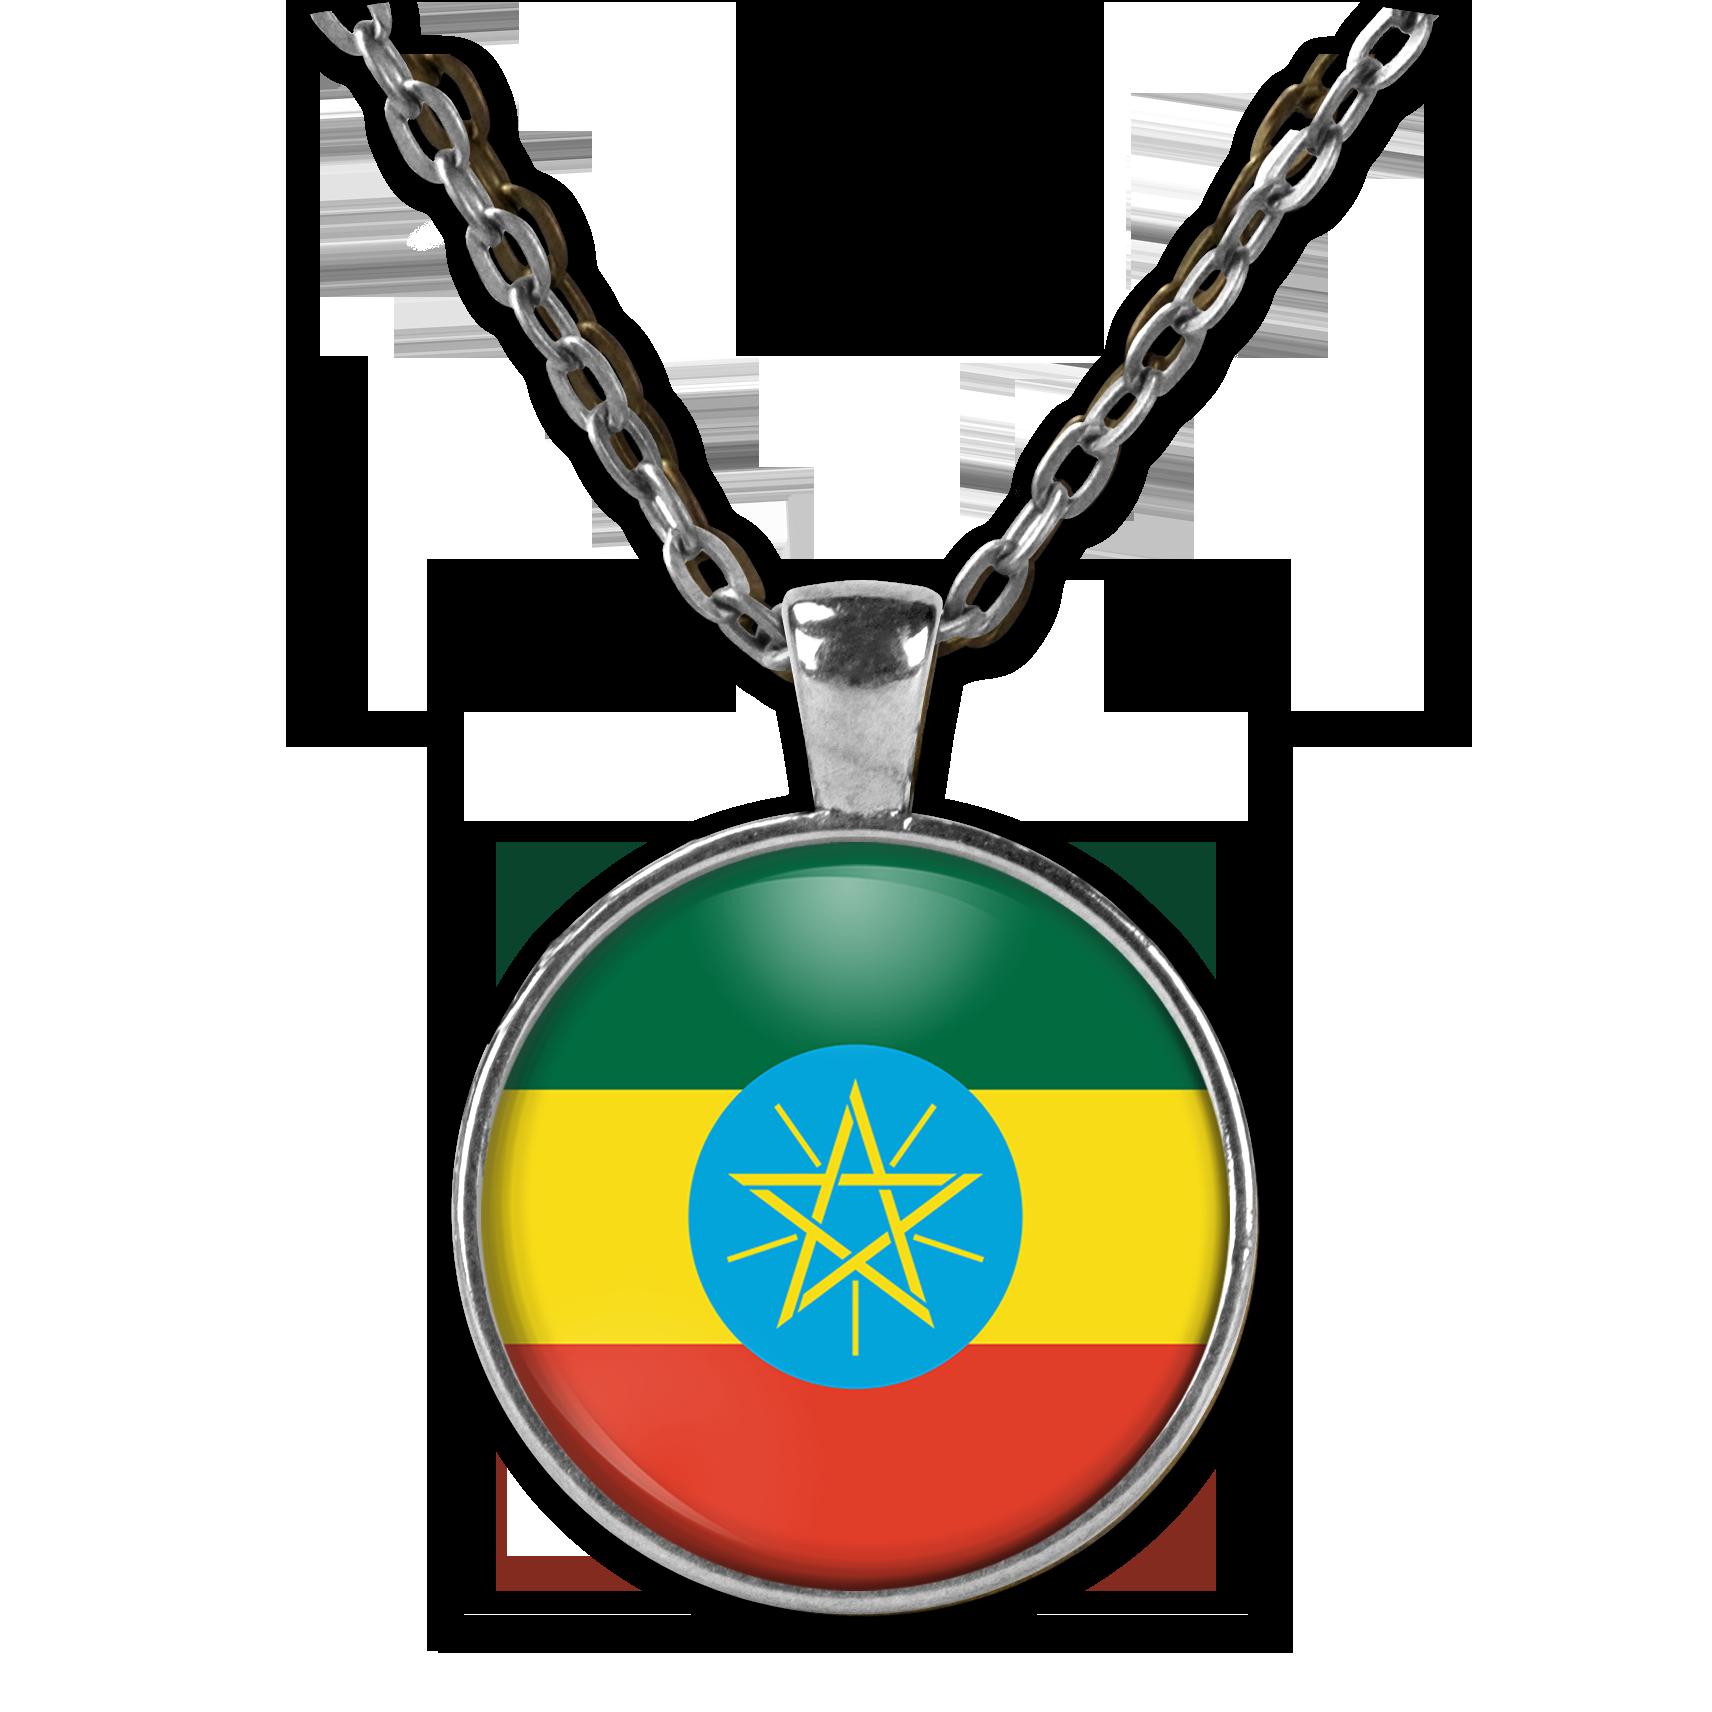 เอธิโอเปียส่วนบุคคลภาพสร้อยคอผู้หญิงภาพเครื่องประดับสร้อยคอจี้สร้อยคอผู้ชาย Memorial Photo ของขวัญ